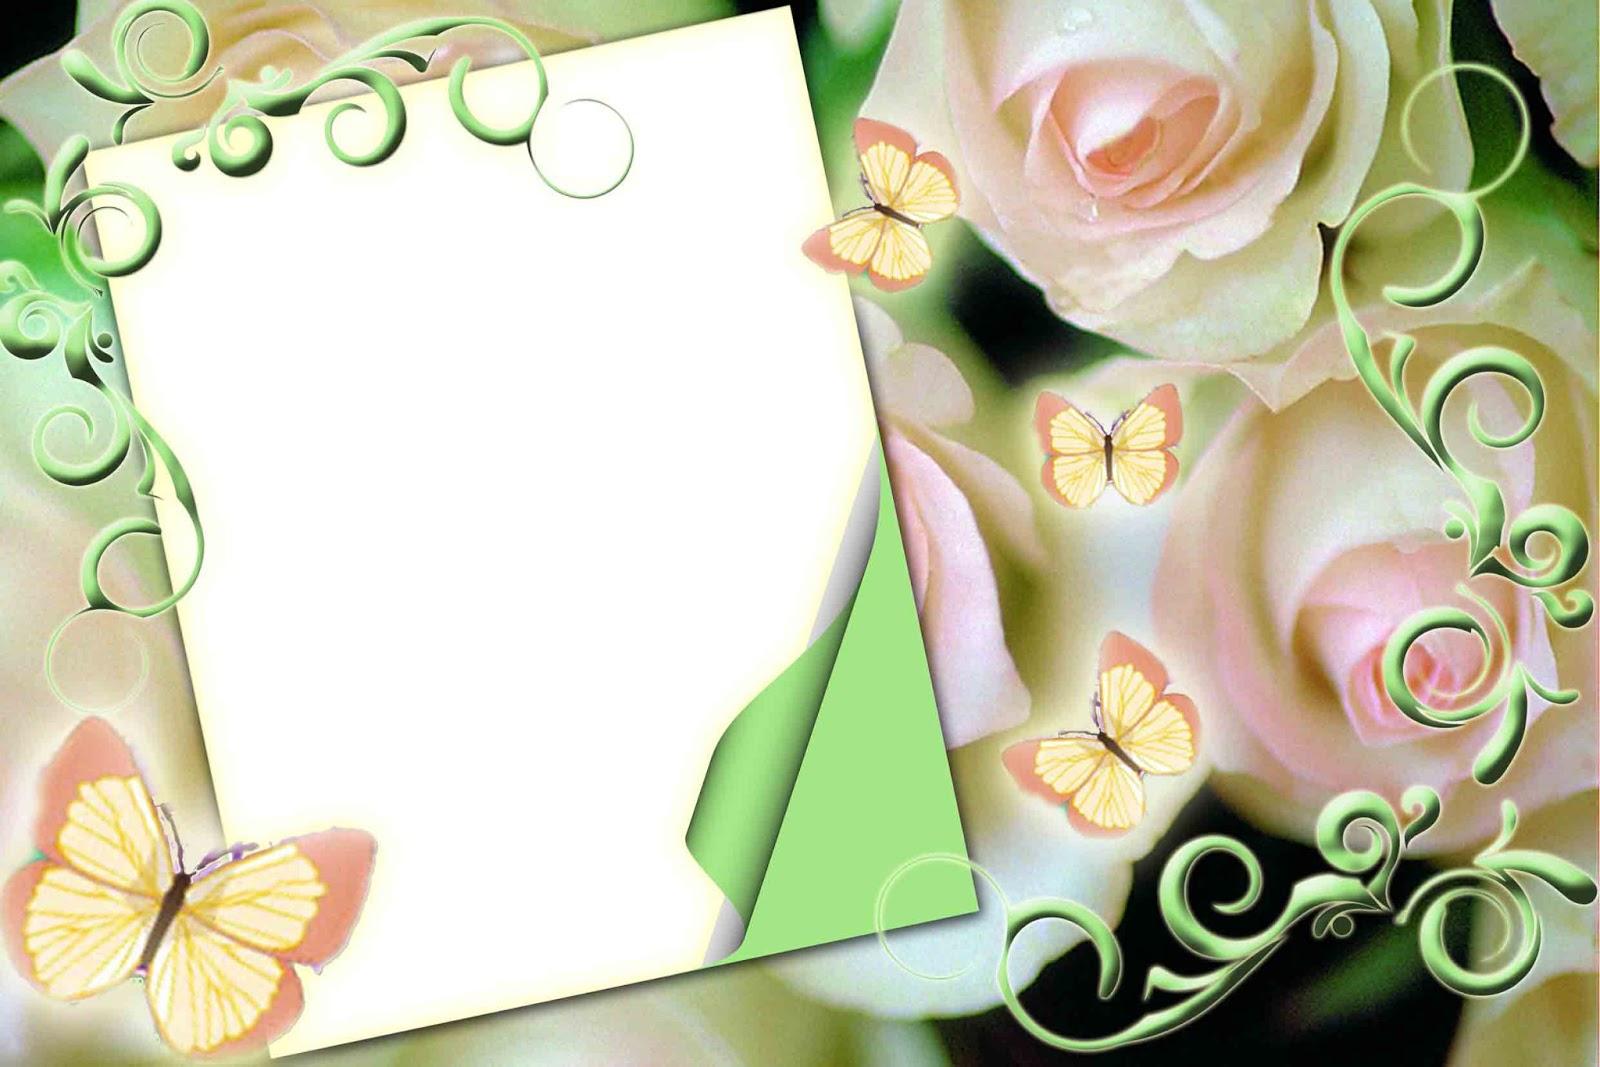 Двухсторонняя открытка в фотошопе с днем рождения, открытка